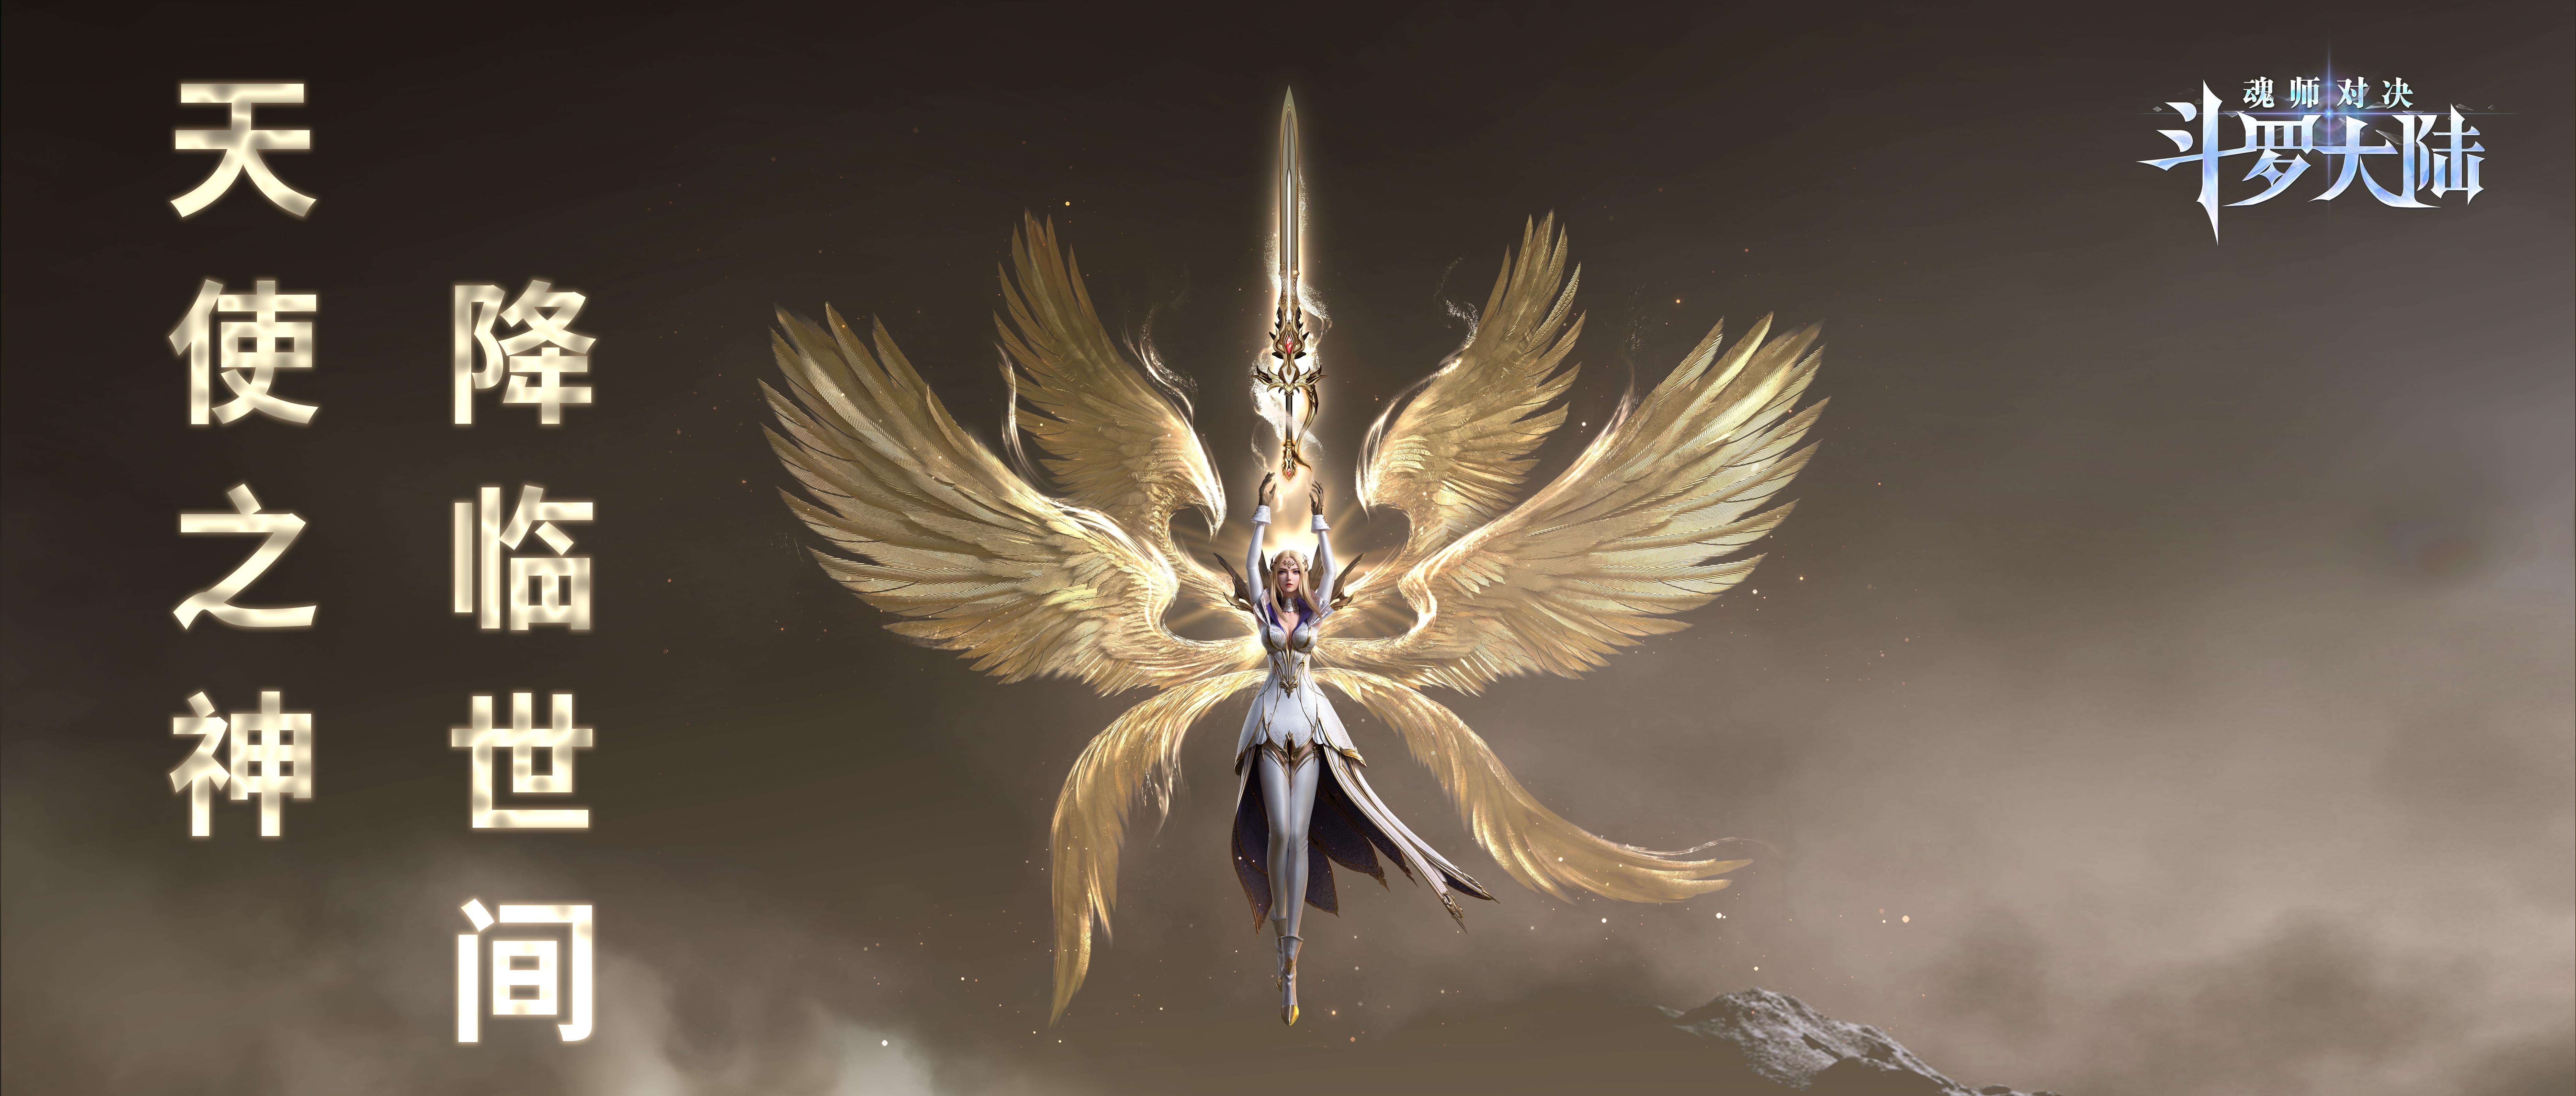 新魂师 六翼天使之神,即将降临世间